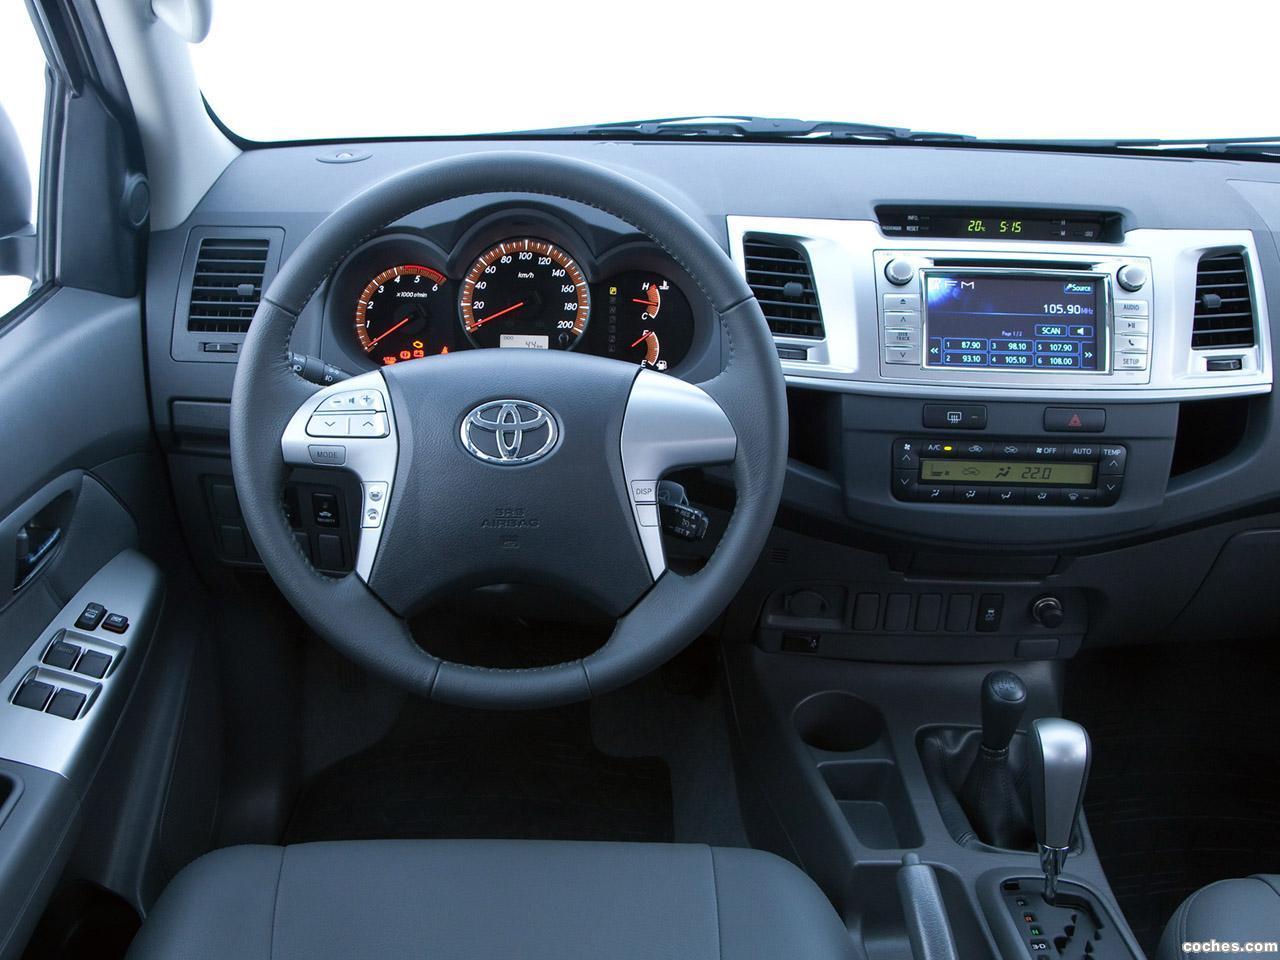 Foto 10 de Toyota Hilux SRV Double Cab 4x4 2012